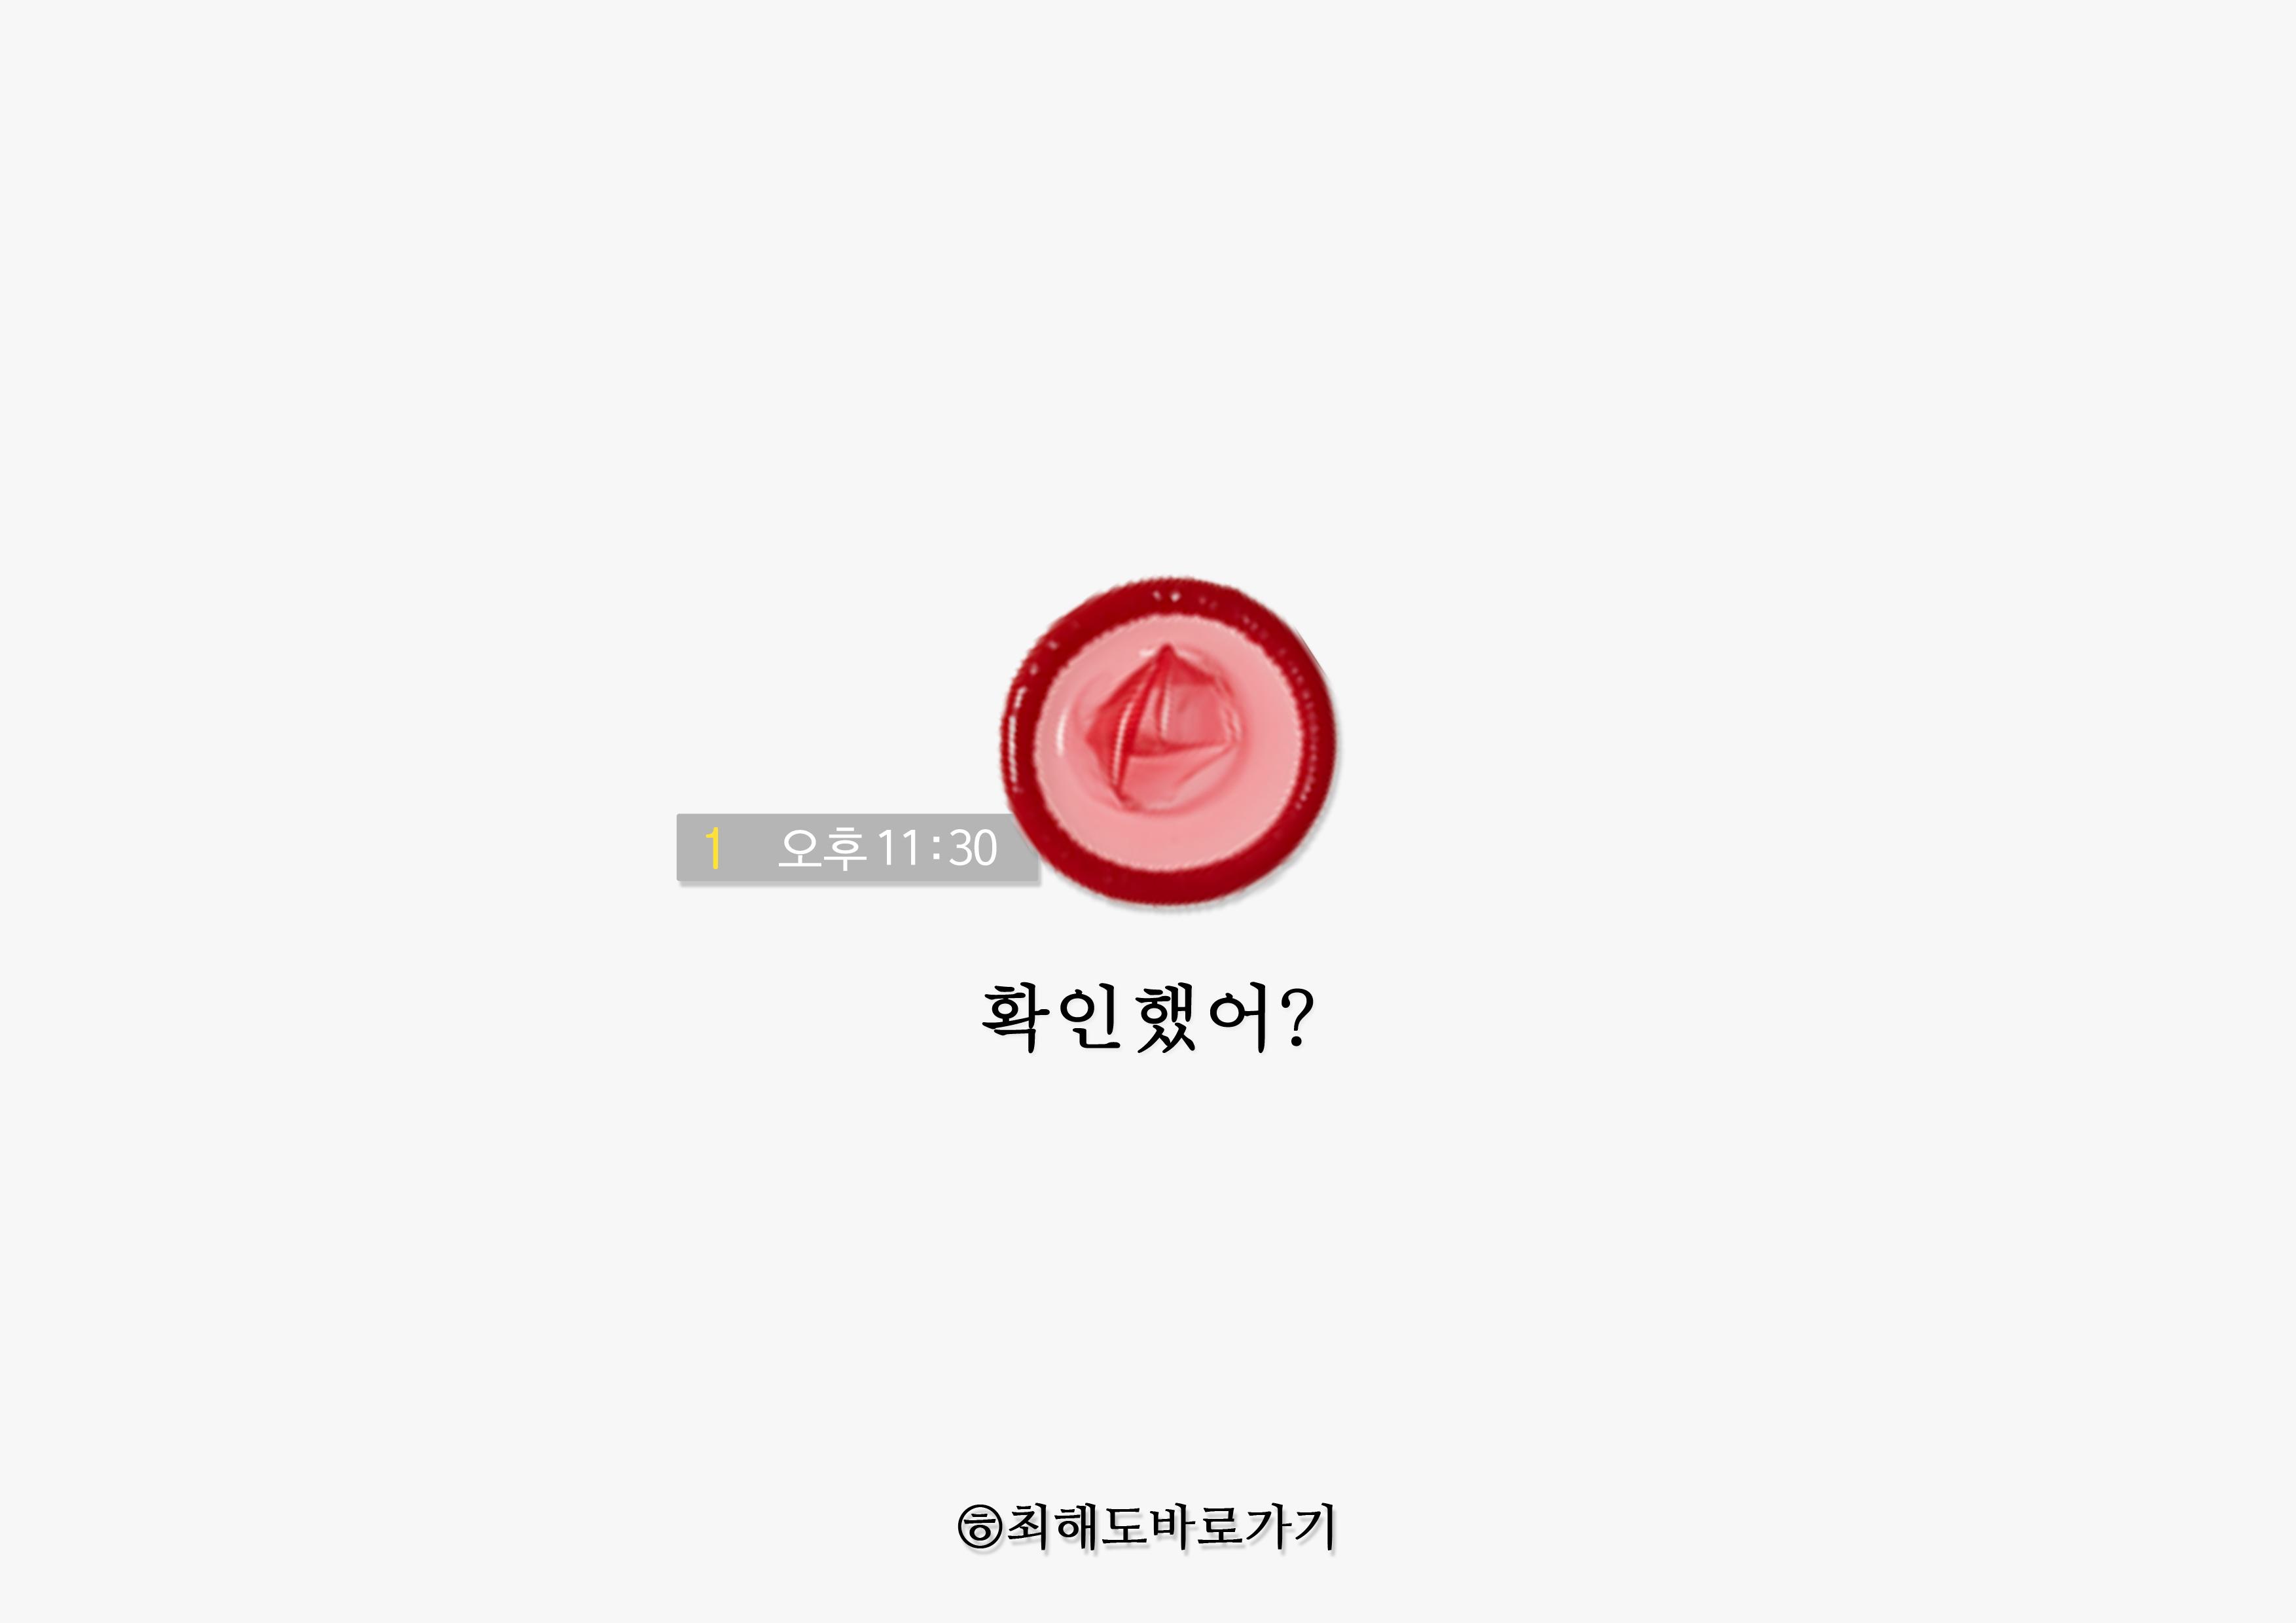 [광고] 예방 _ 콘돔 광고